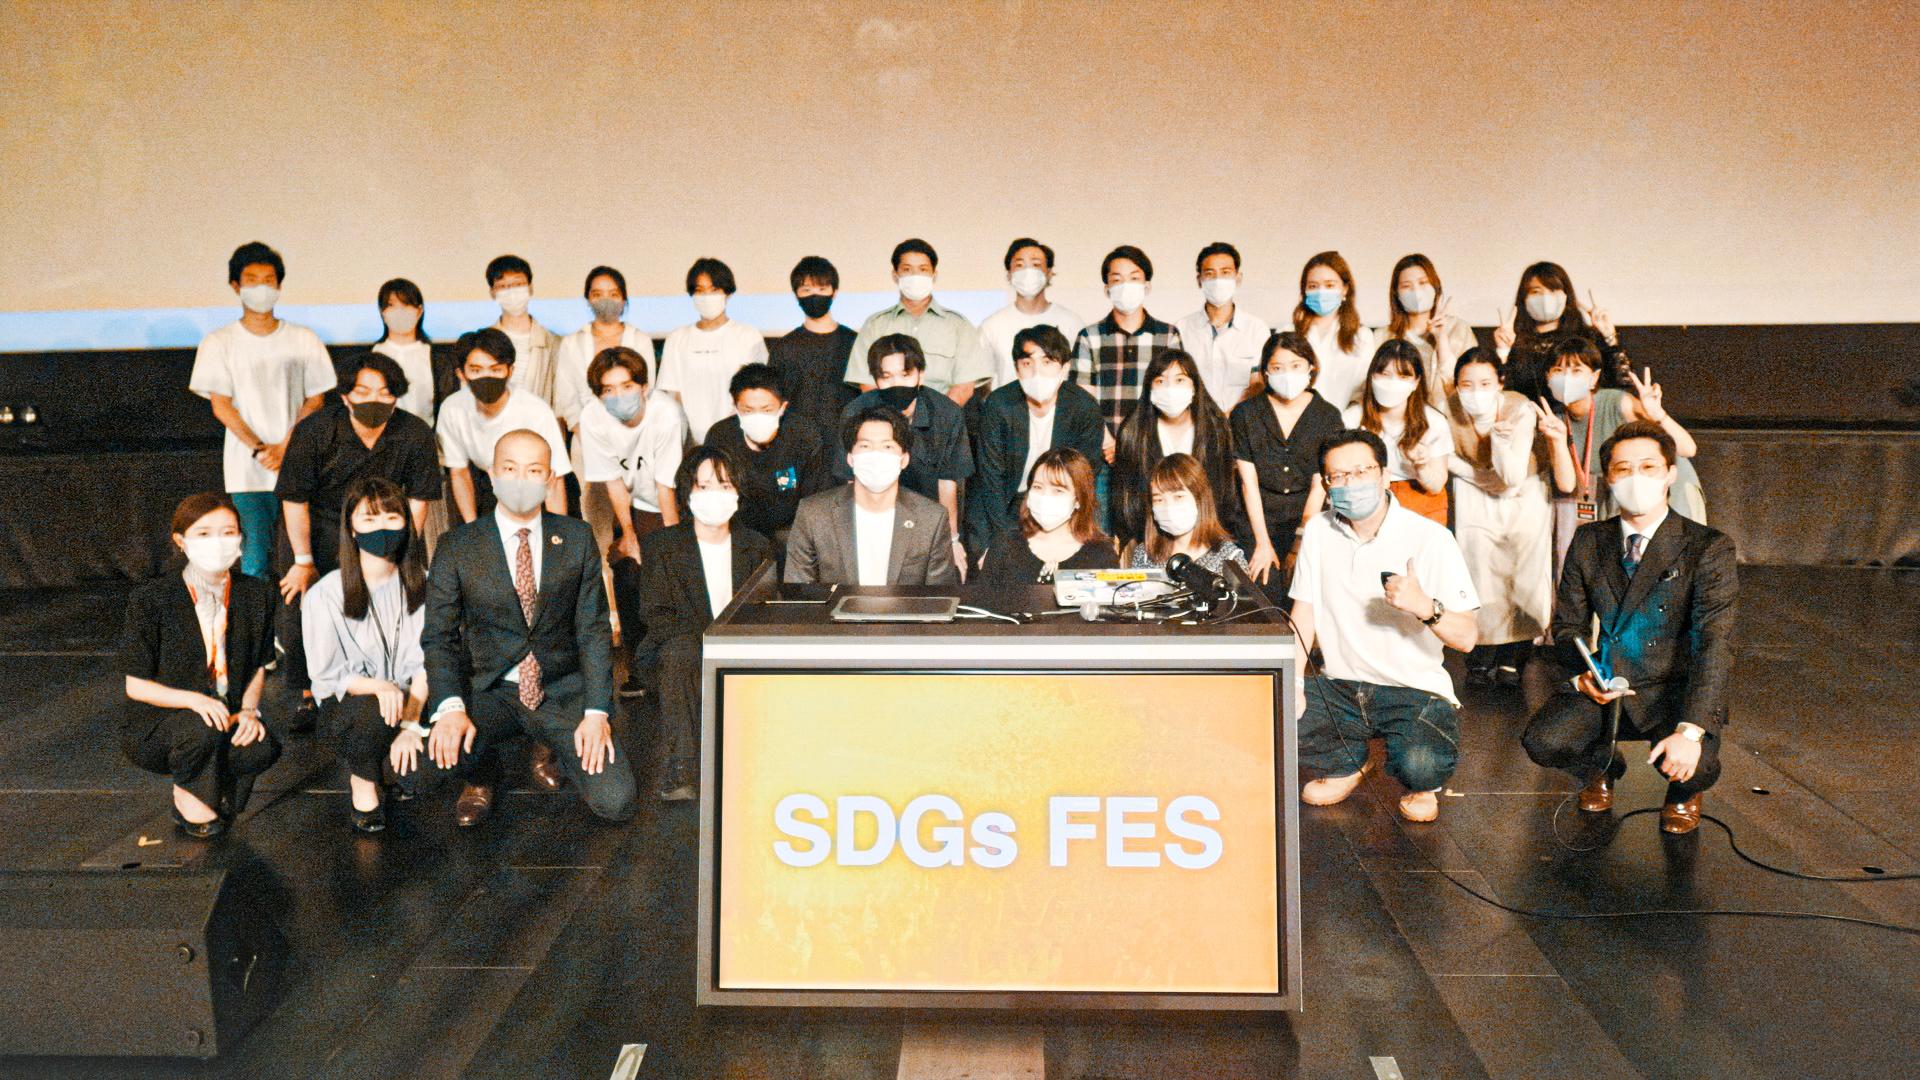 SDGs FES